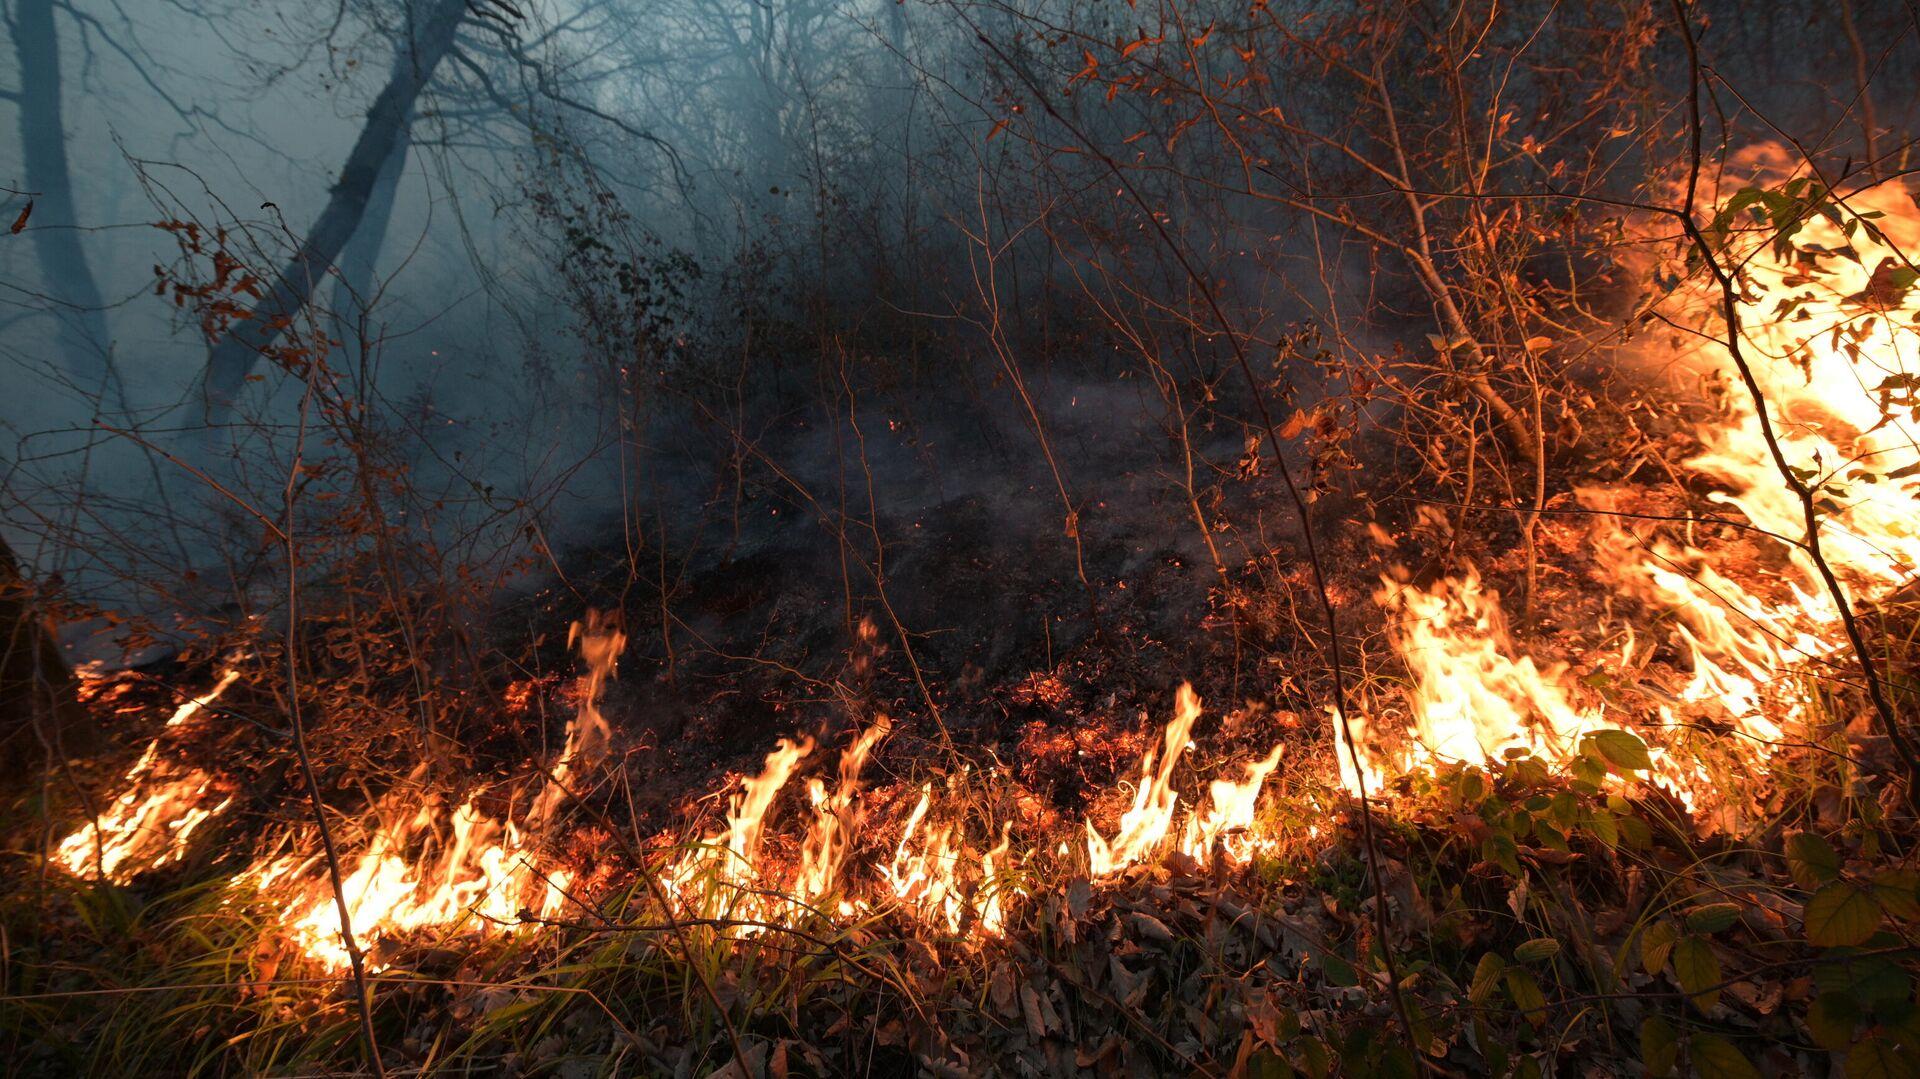 В МЧС оценили ситуацию с природными пожарами в регионах